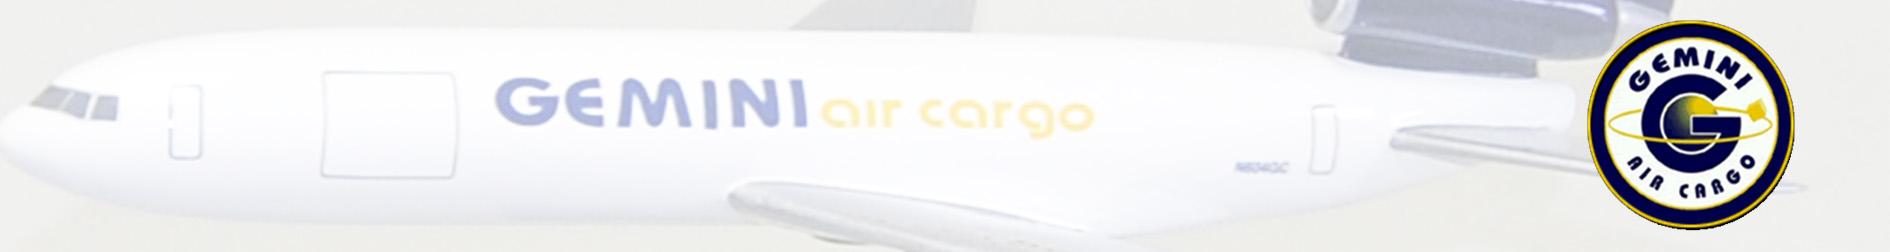 gemini-air-cargo.jpg